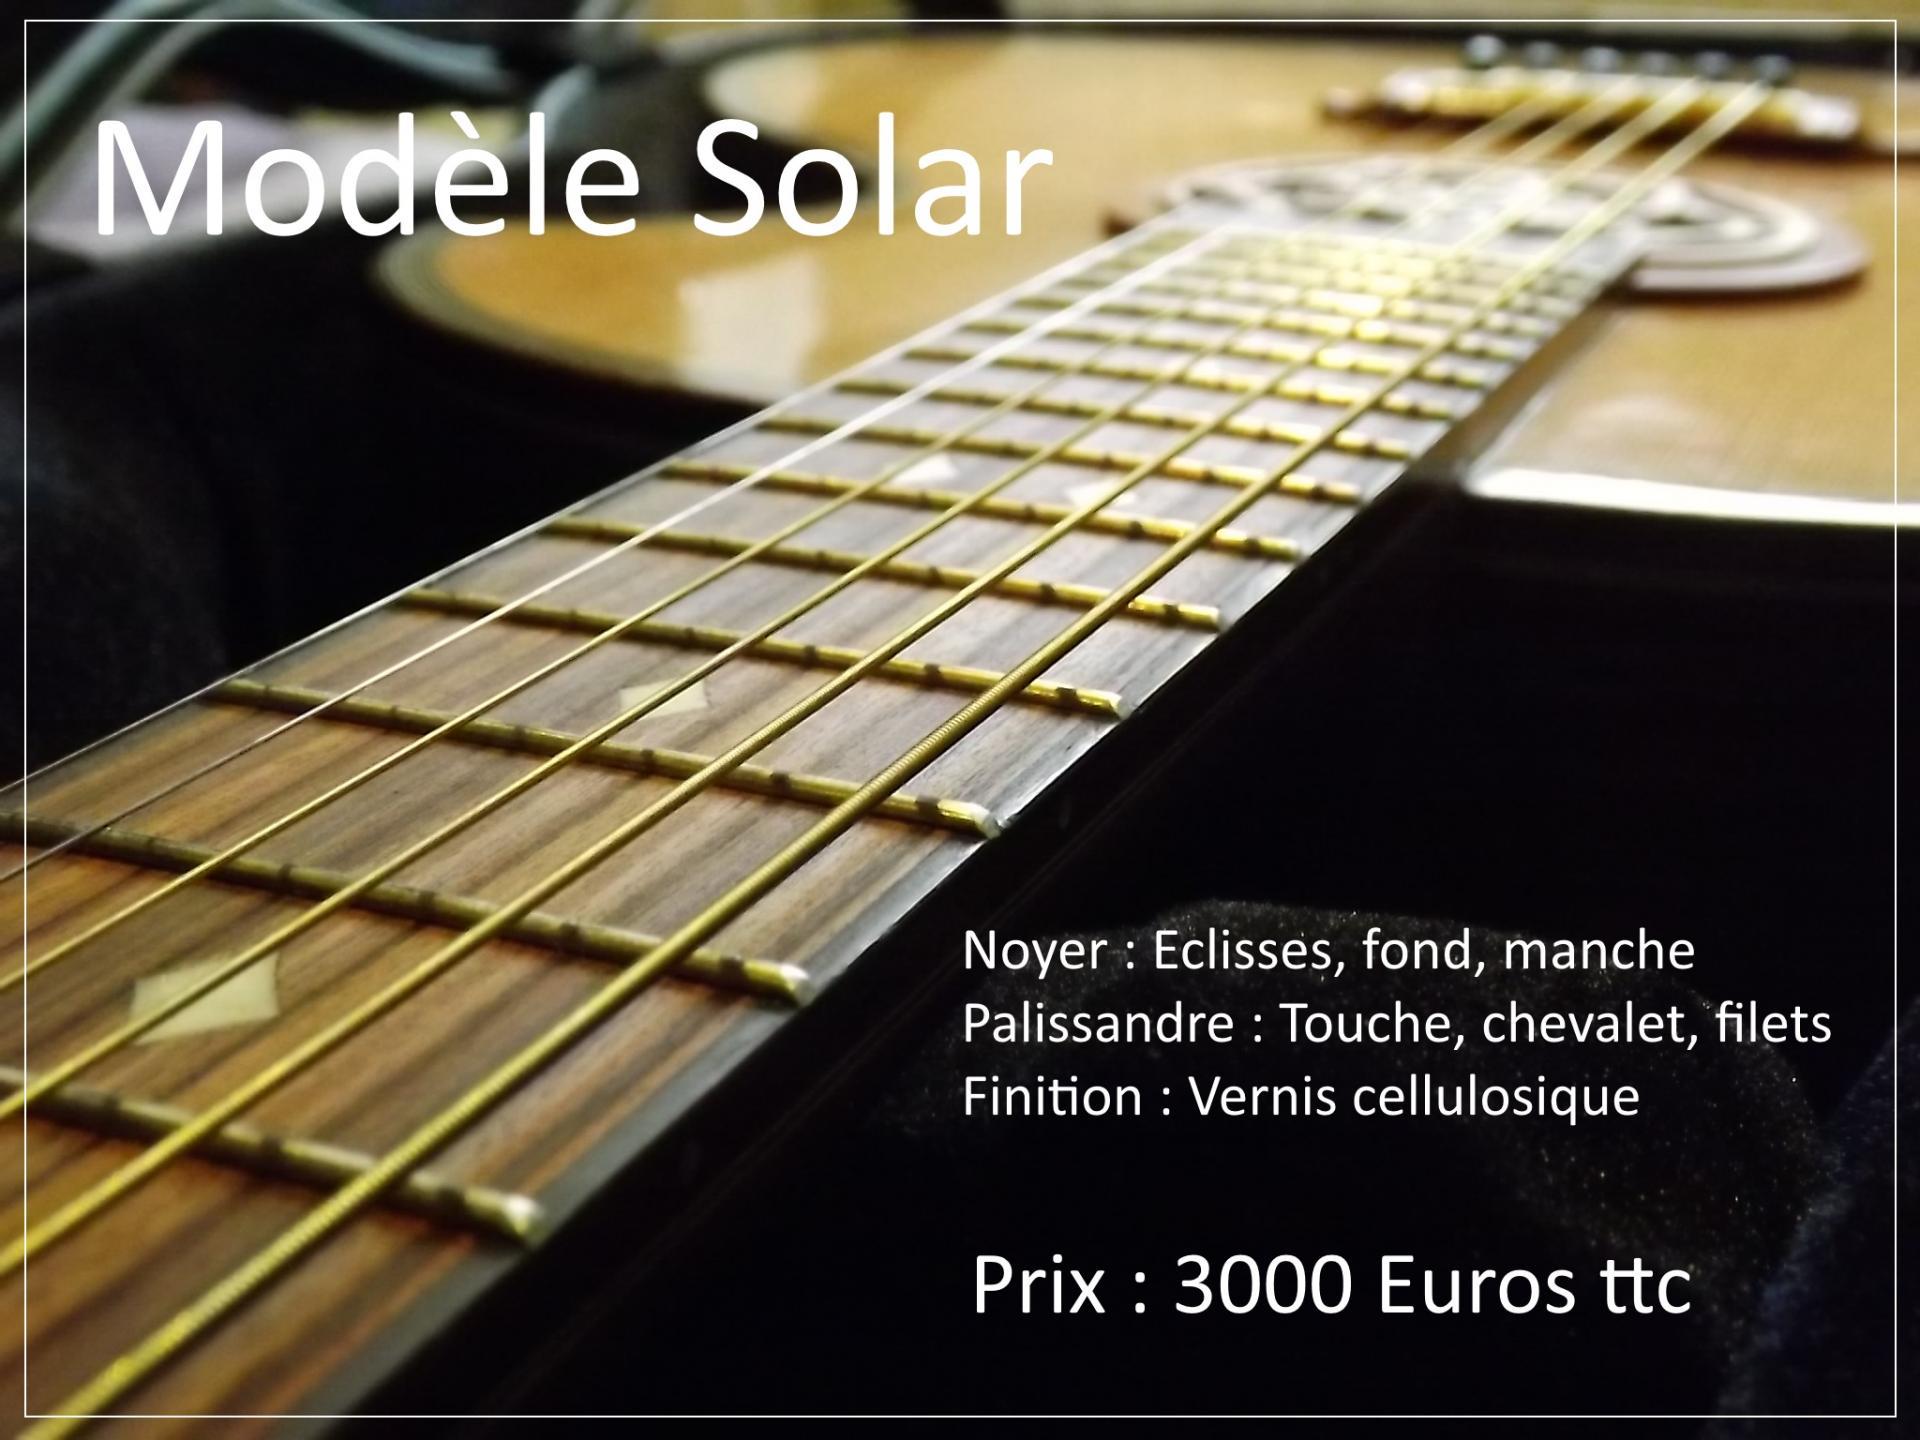 Modele solar